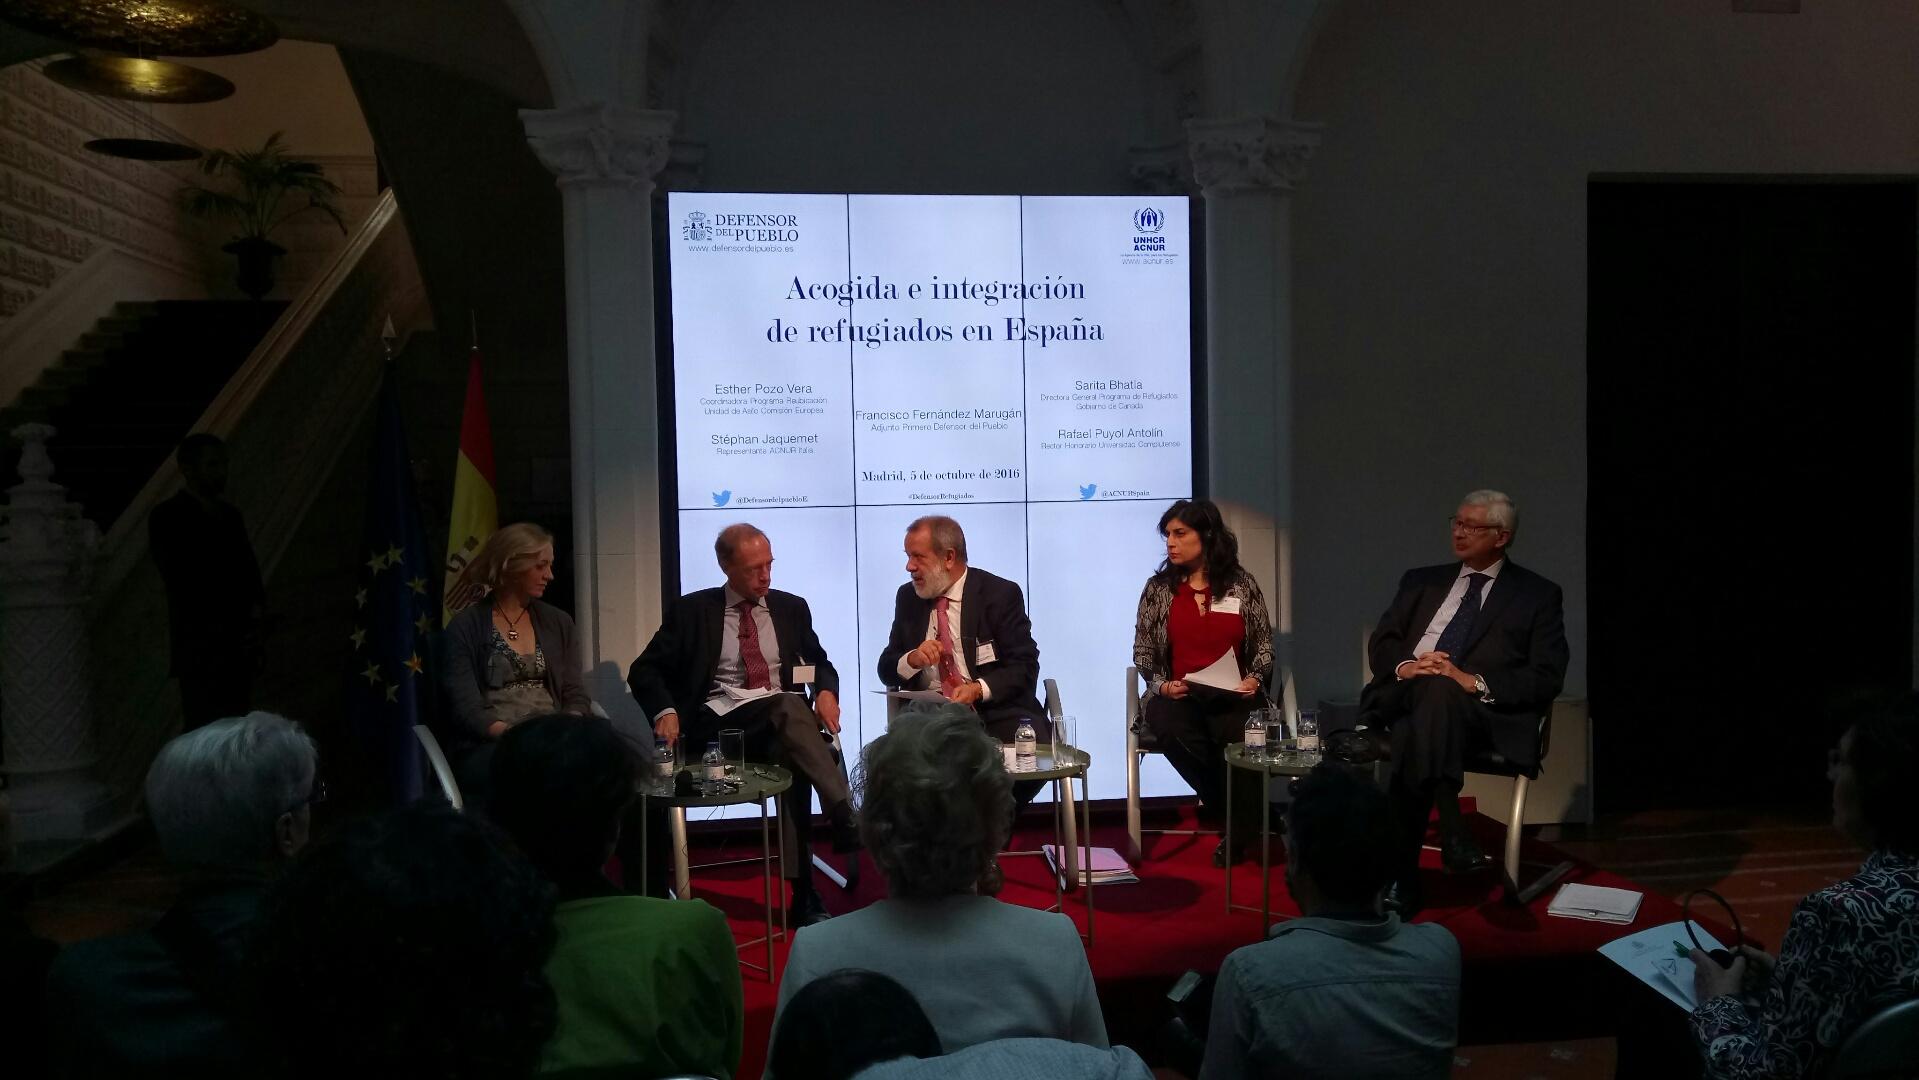 Ponentes durante la jornada de acogida e integración de refugiados en España en la sede institucional